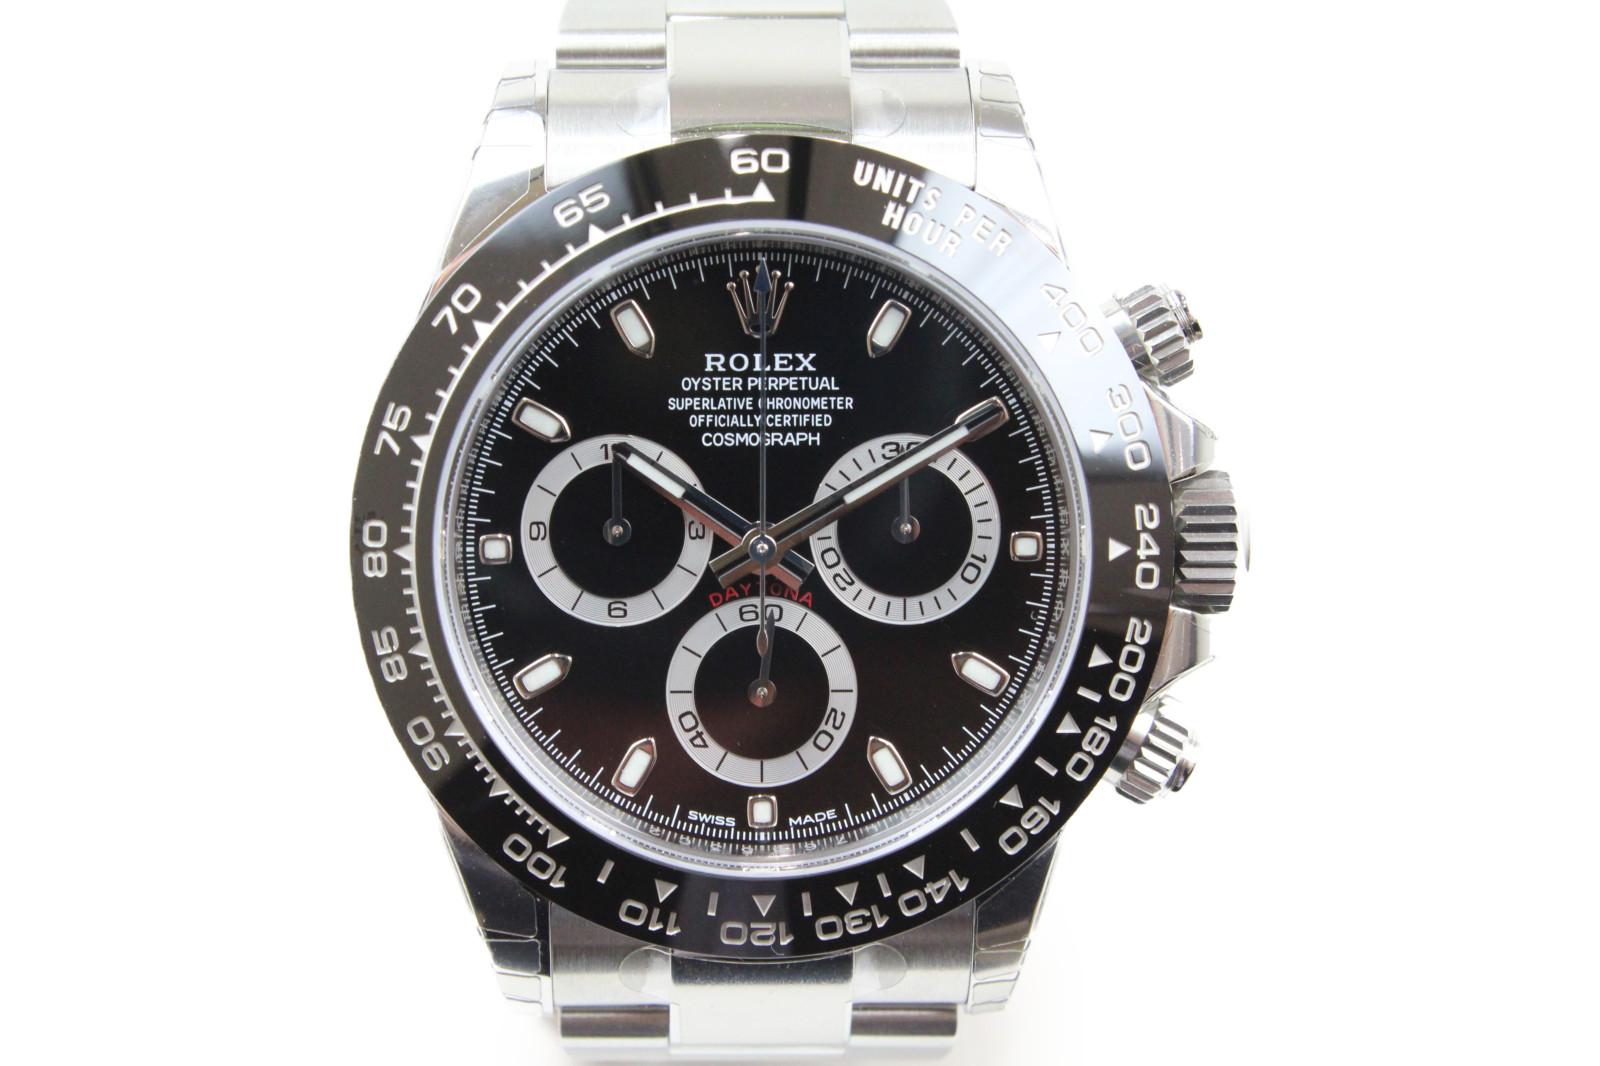 【ギャラ有】ROLEX ロレックス デイトナ 116500LN ランダム 2018年購入 クロノグラフ 自動巻き SS ステンレススチール ブラック メンズ 腕時計【中古】